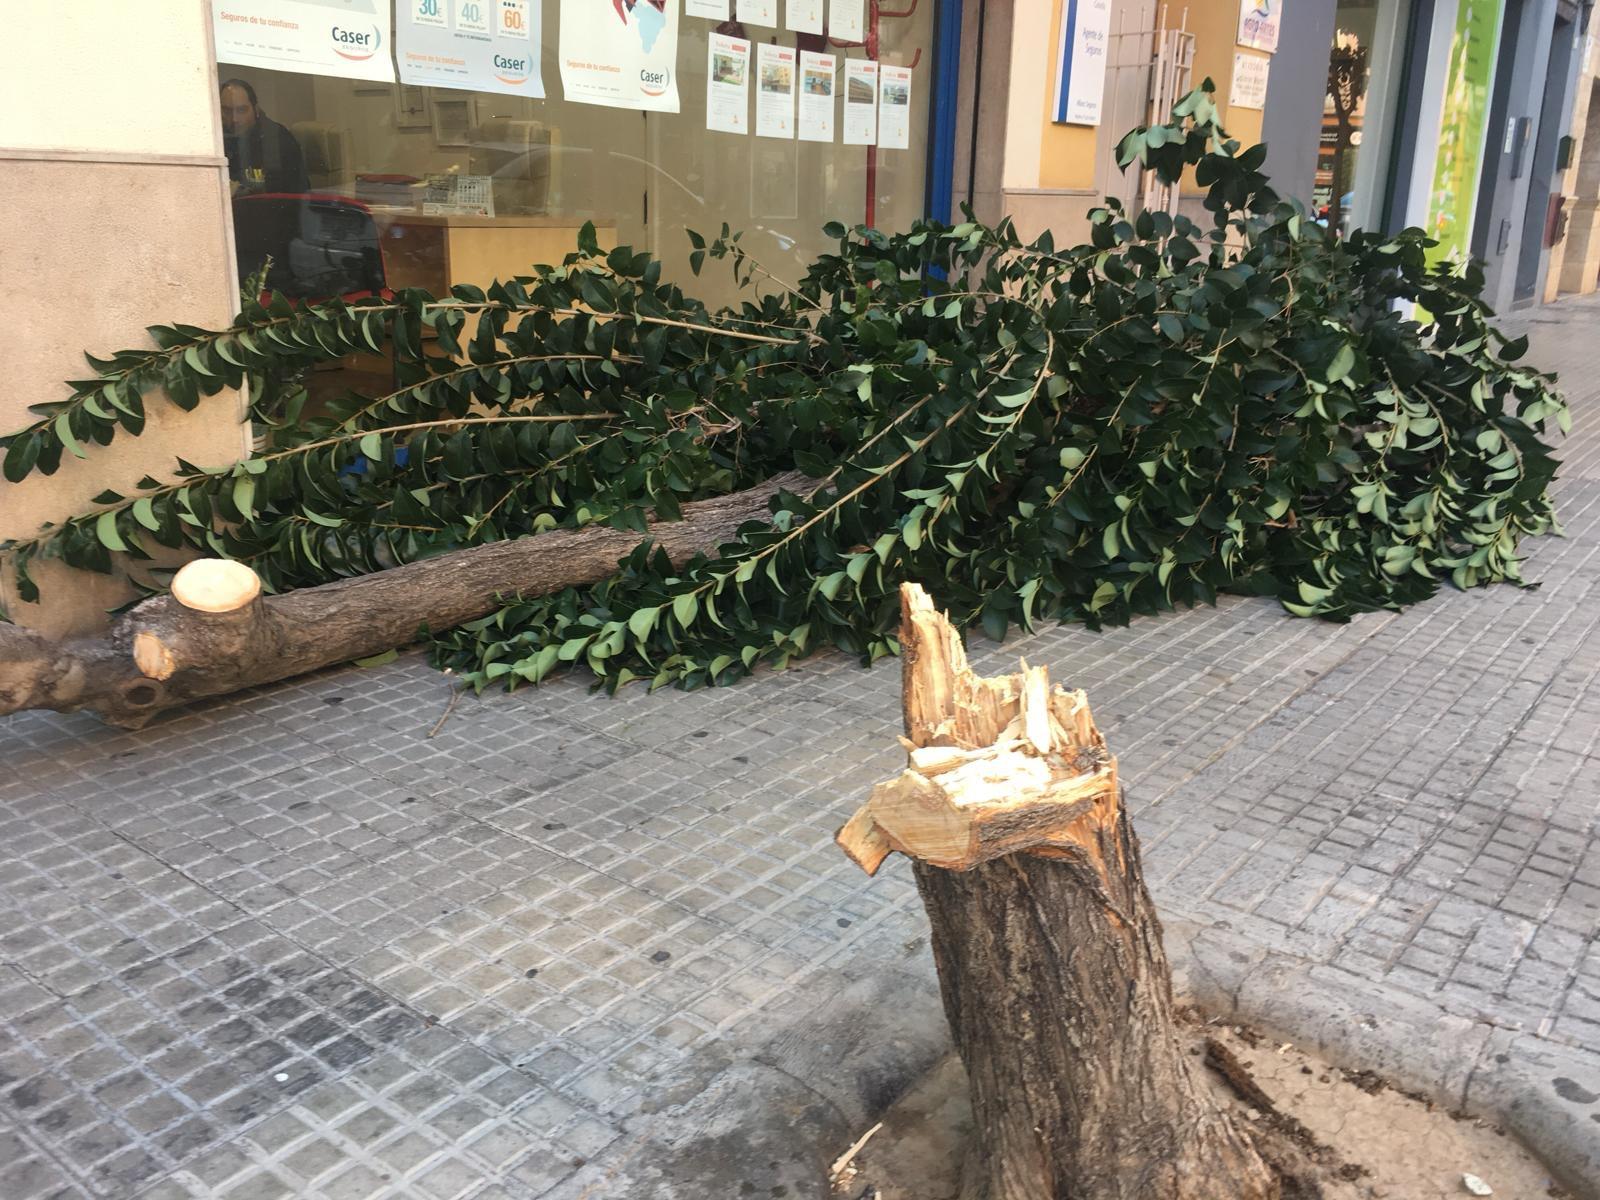 El fuerte viento de más de 70 km/h afecta a algunos árboles en la ciudad de Gandia